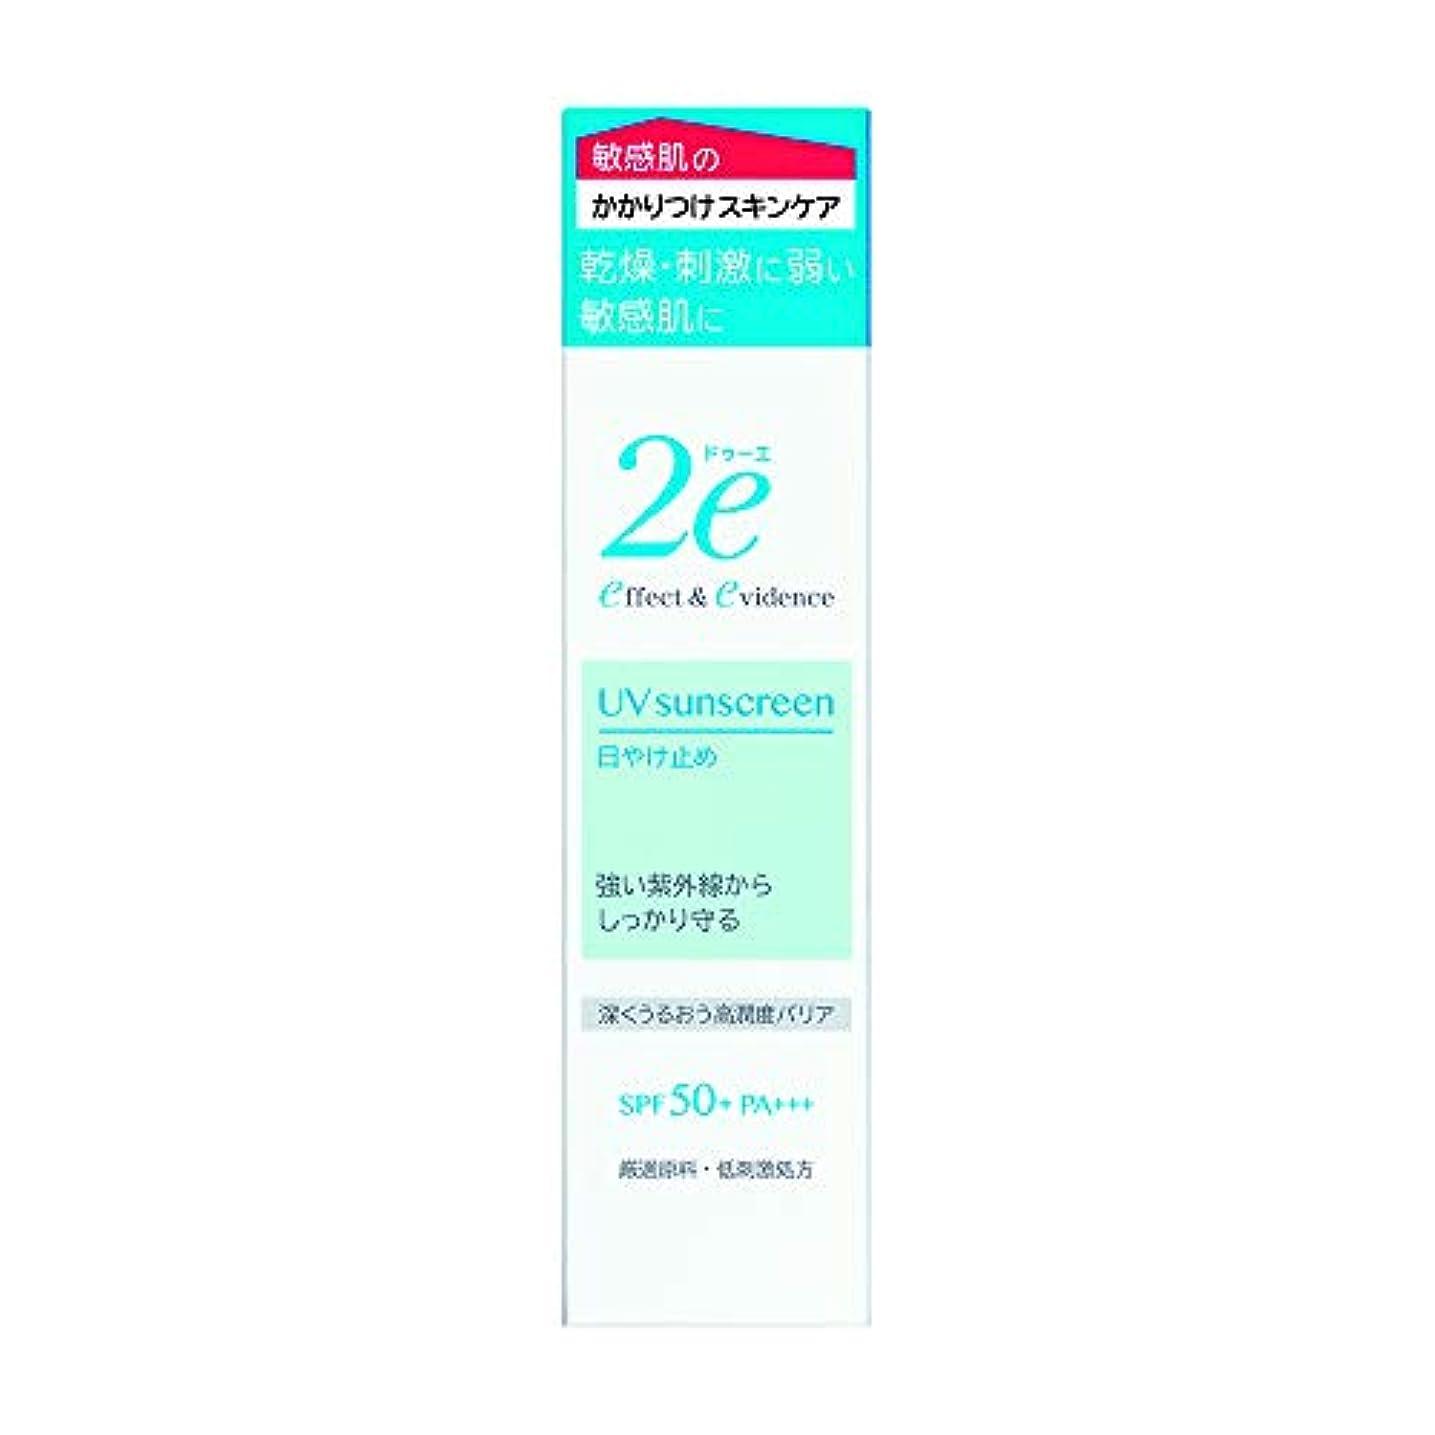 顎積分短命2e(ドゥーエ) 日やけ止め 敏感肌用 低刺激処方 深くうるおう高潤度バリア 40g SPF50+ PA+++